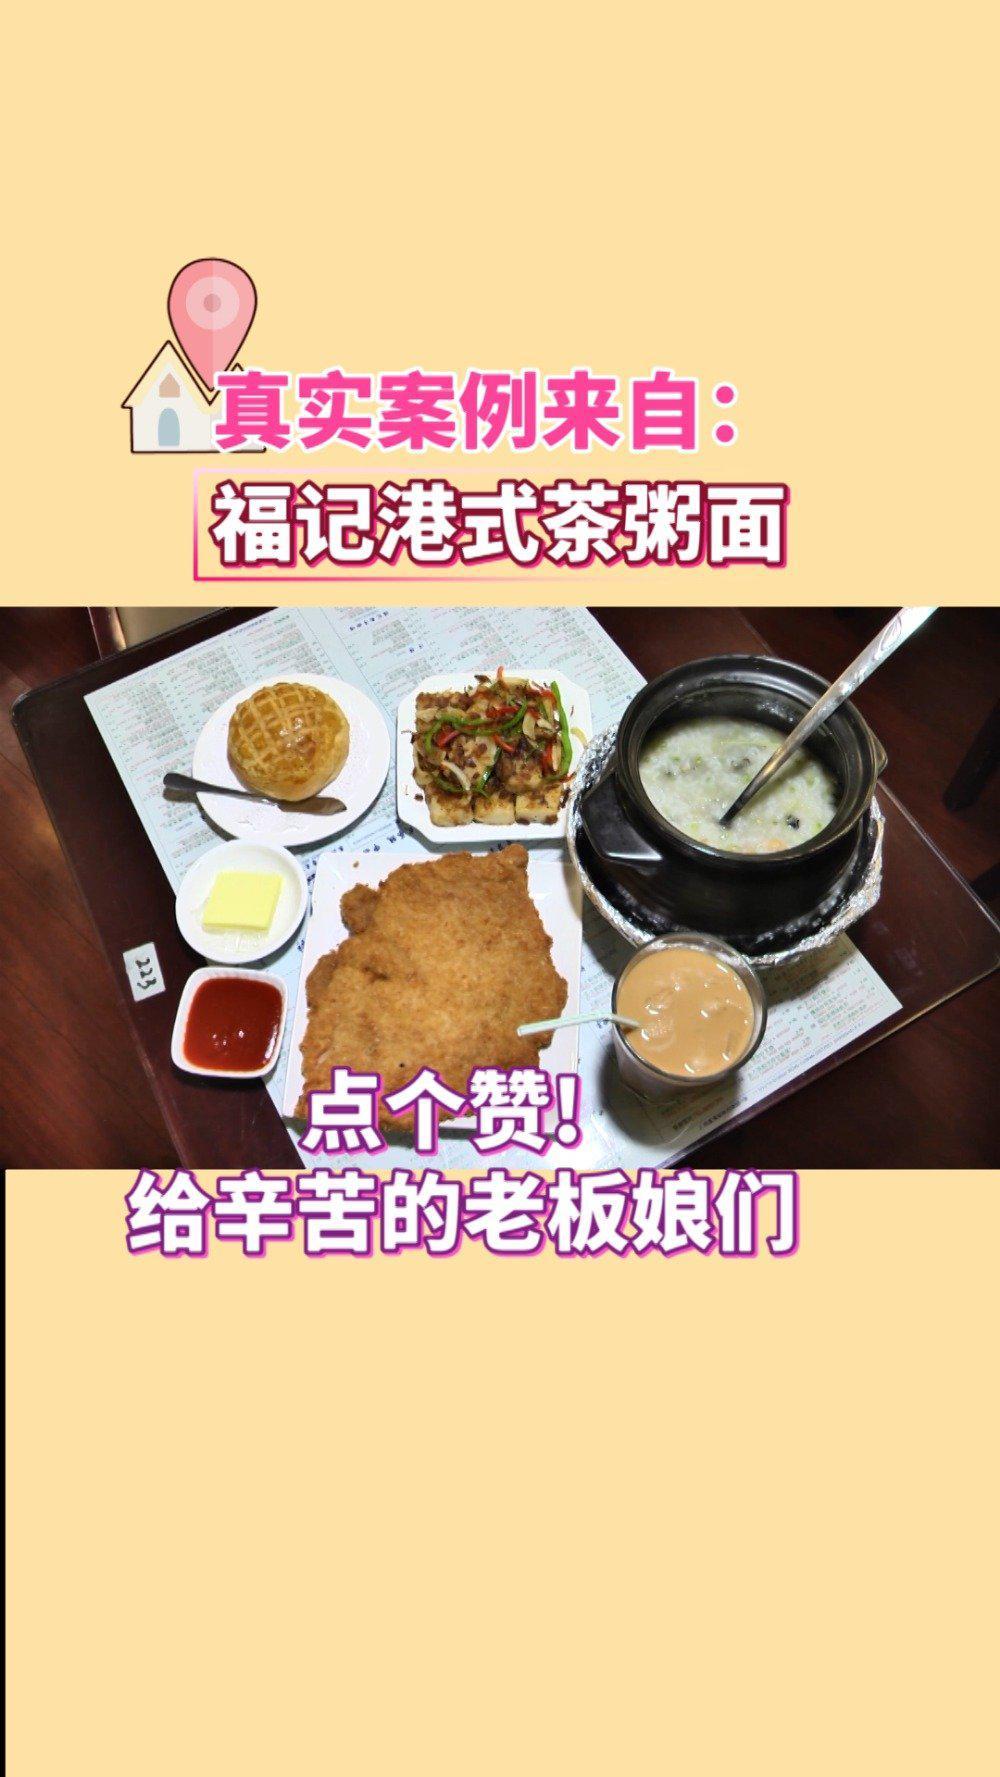 老板娘有多疙瘩,菜就有多好吃~!   @王亦嫣-Yo醬 @葛晓倩Qchan